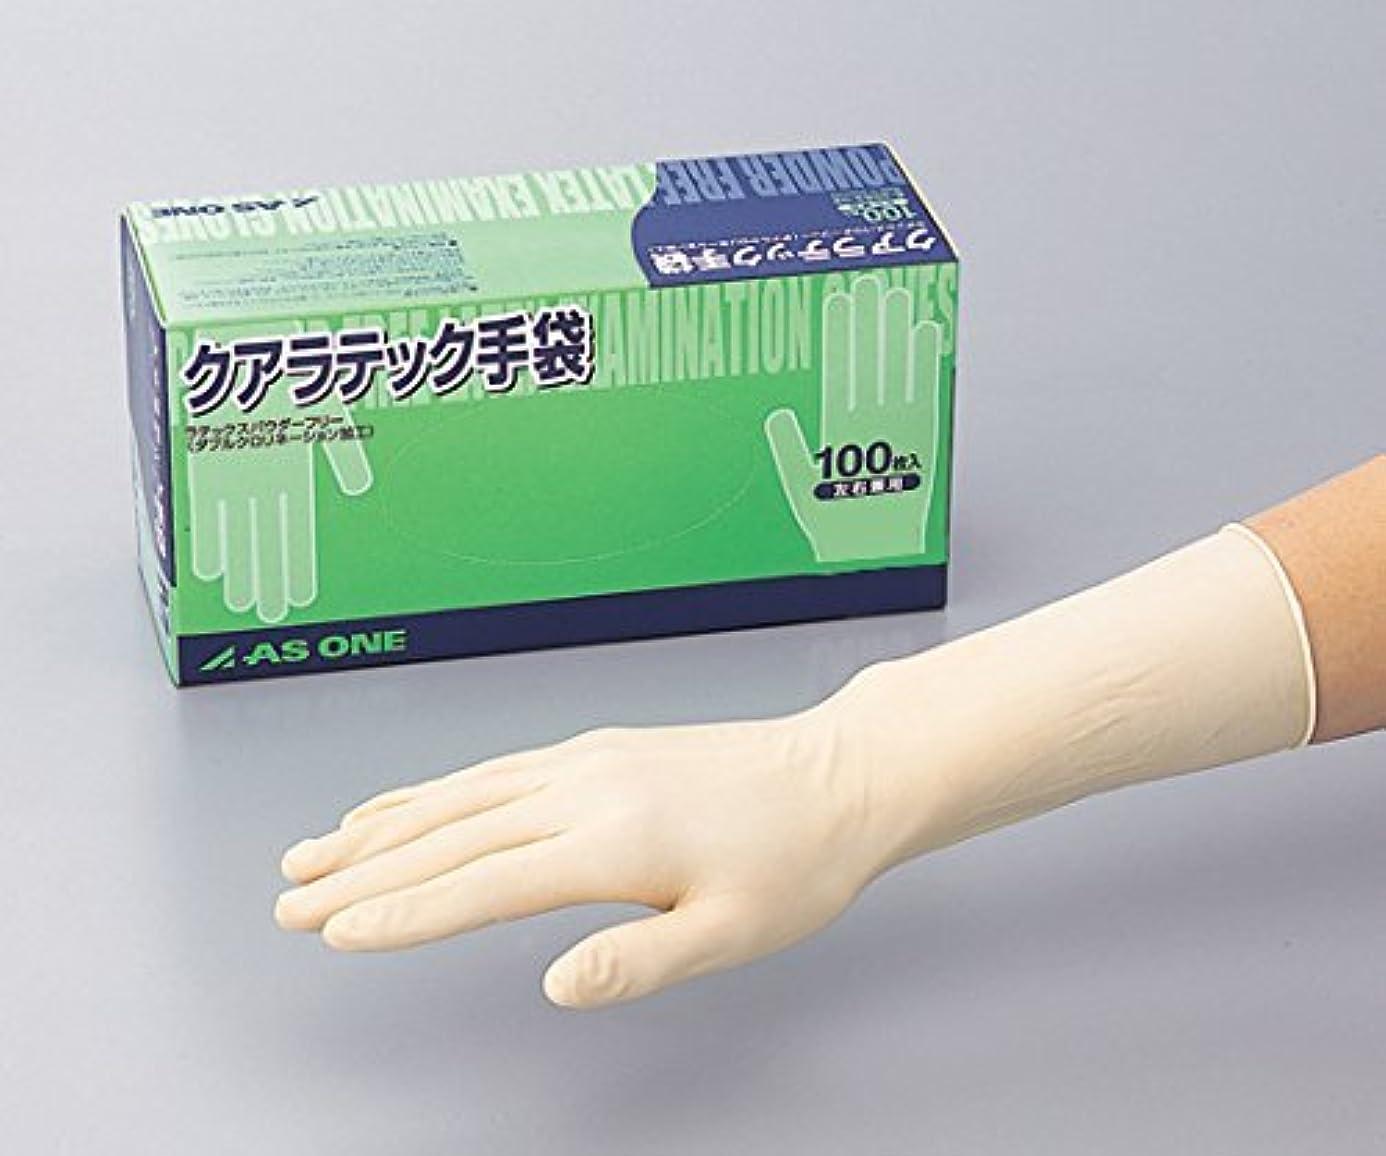 目覚める女将想像力豊かなアズワン8-4053-03クアラテック手袋(DXパウダーフリー)S1箱(100枚入)